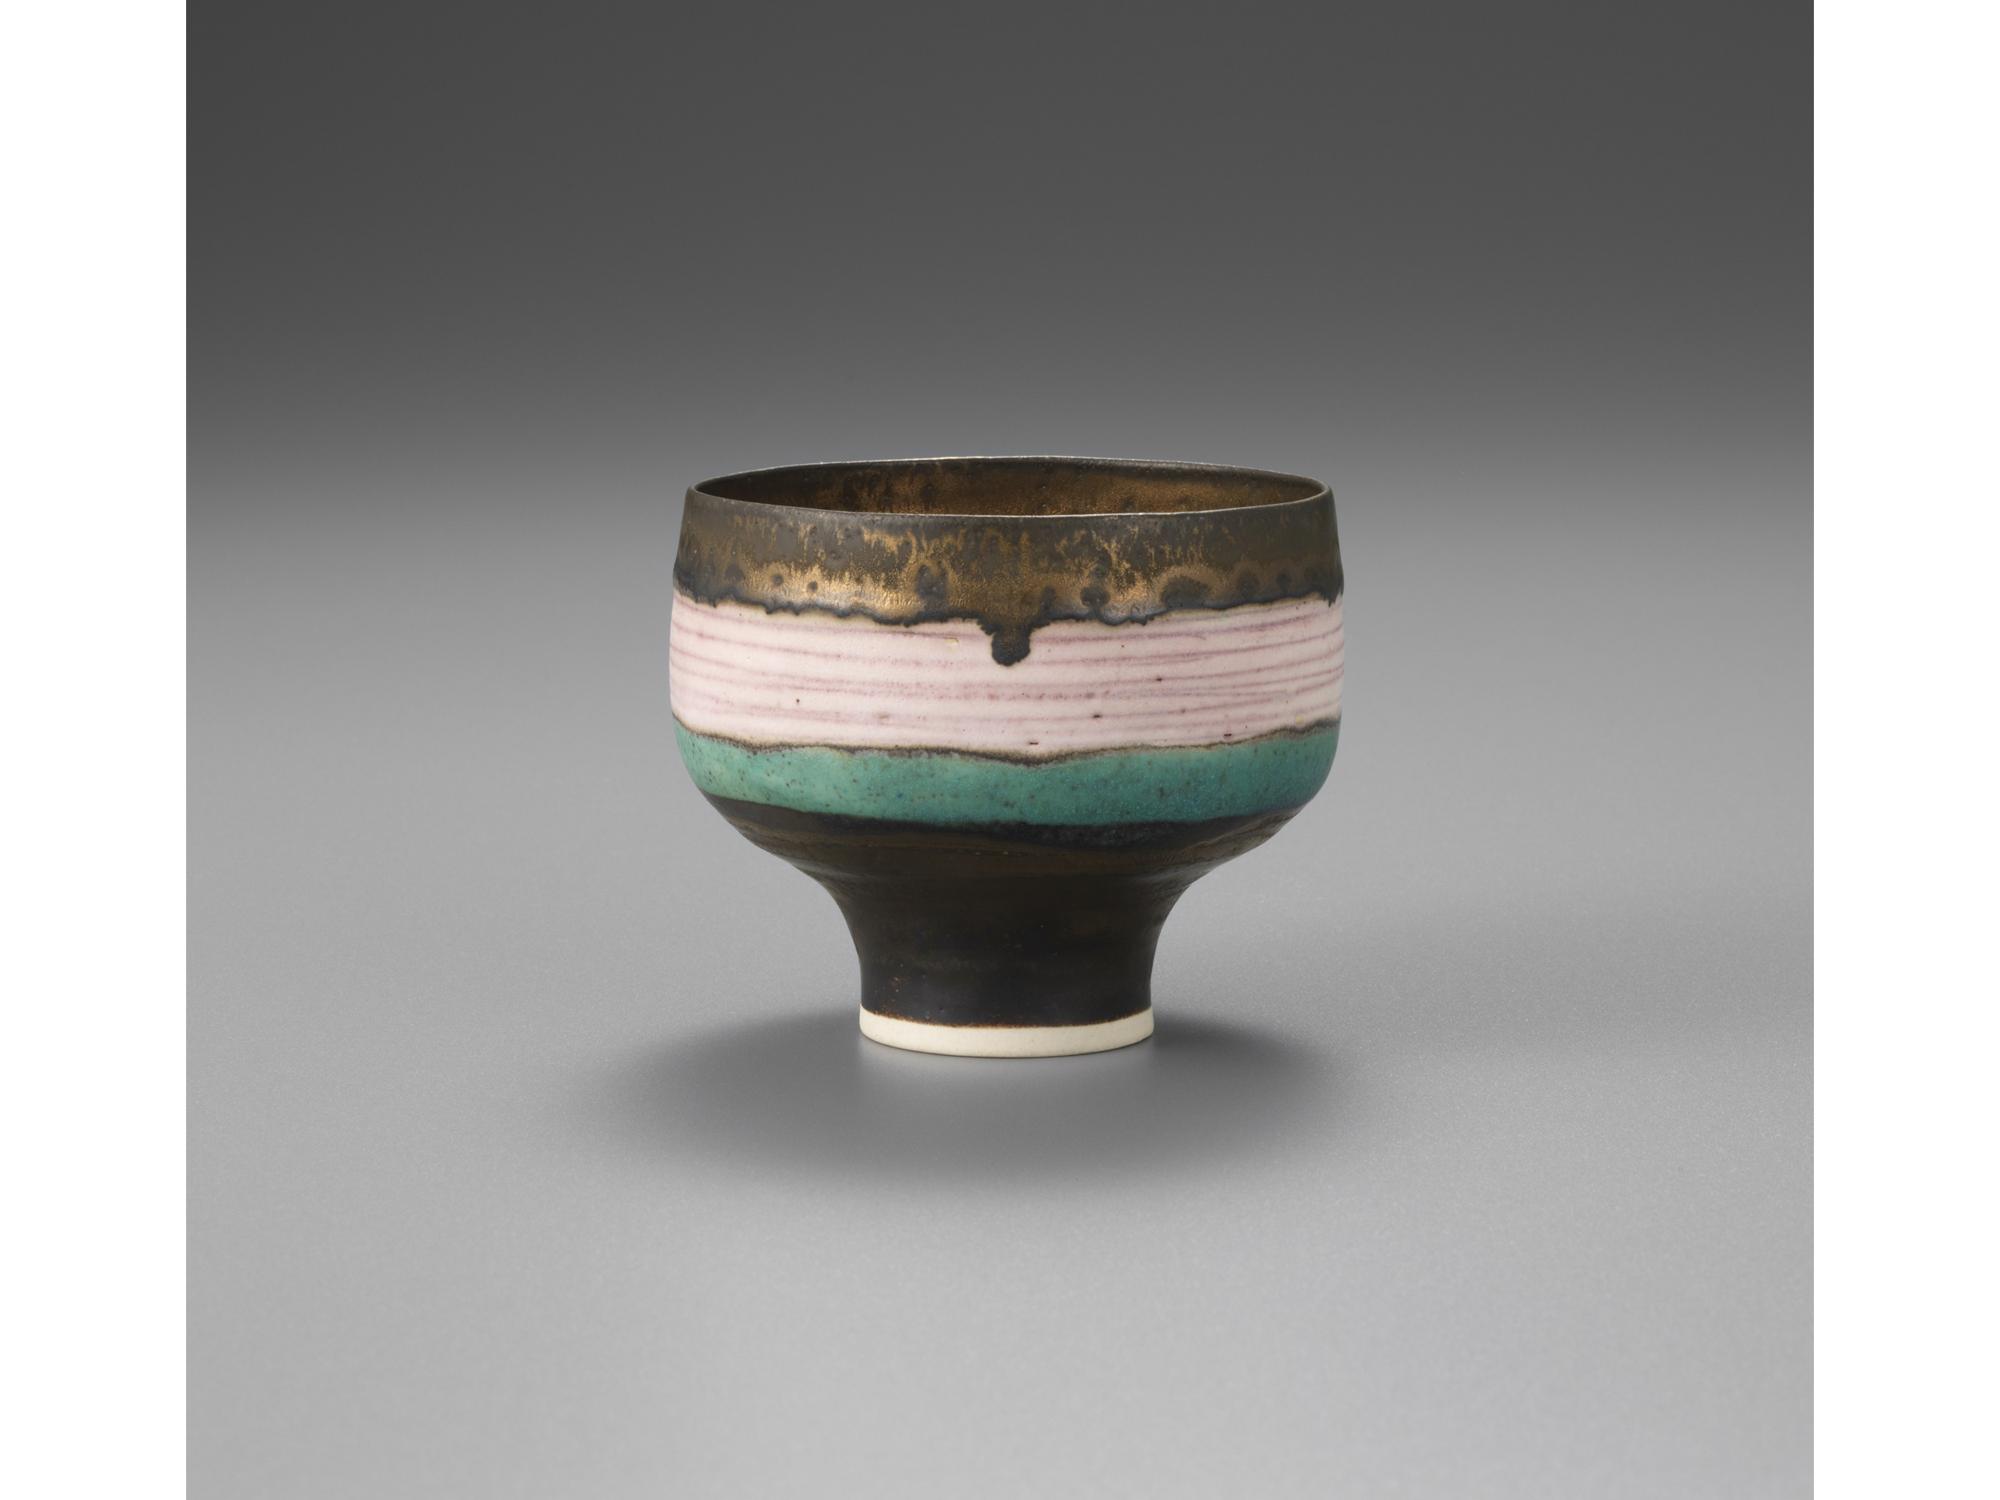 ルーシー・リー《ピンク象嵌碗》